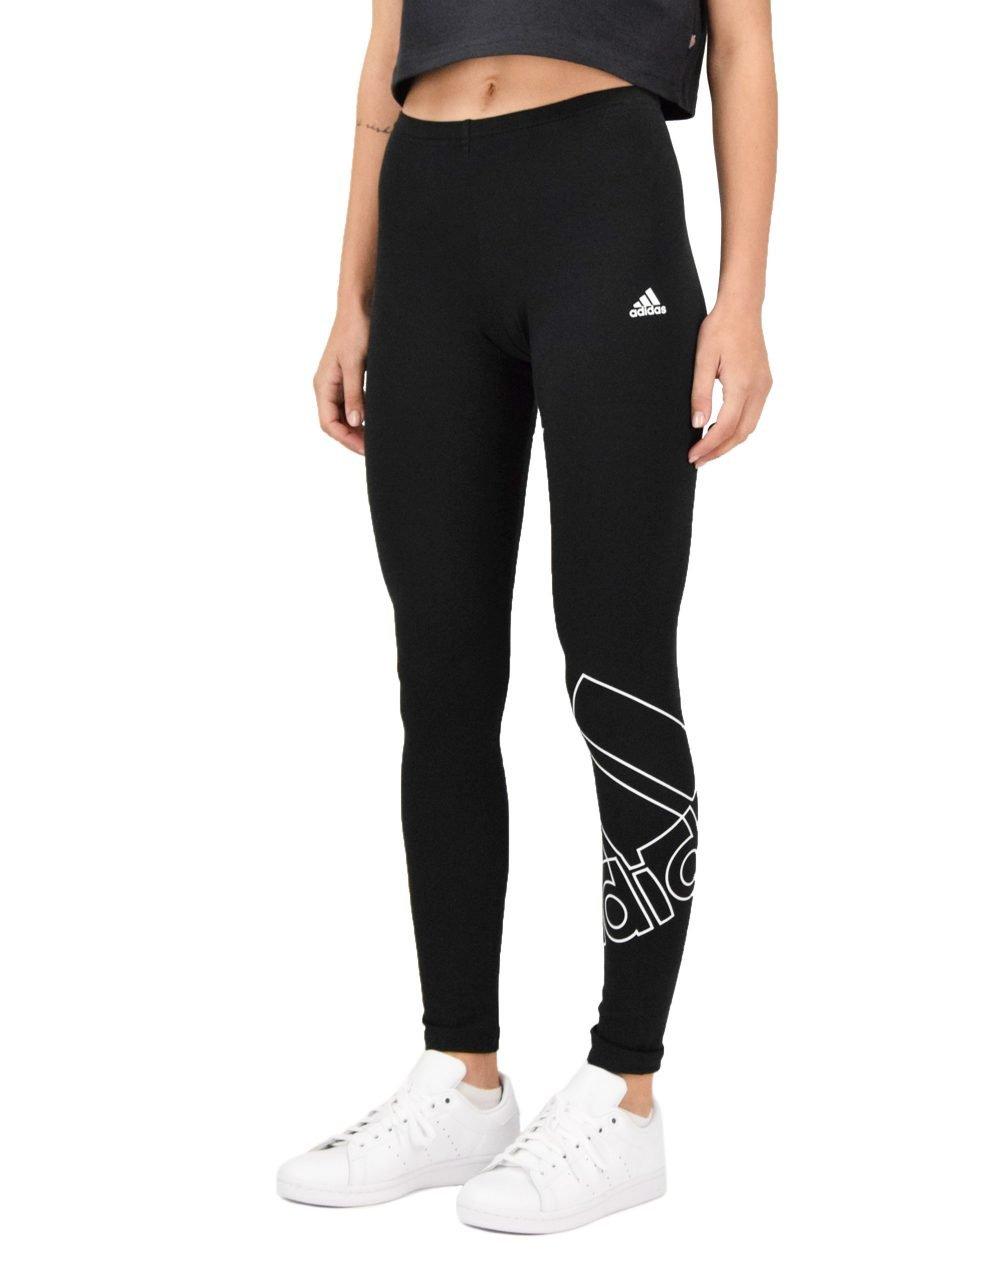 Adidas W Fav Q1 Leg Tights (GM5535) Black/White